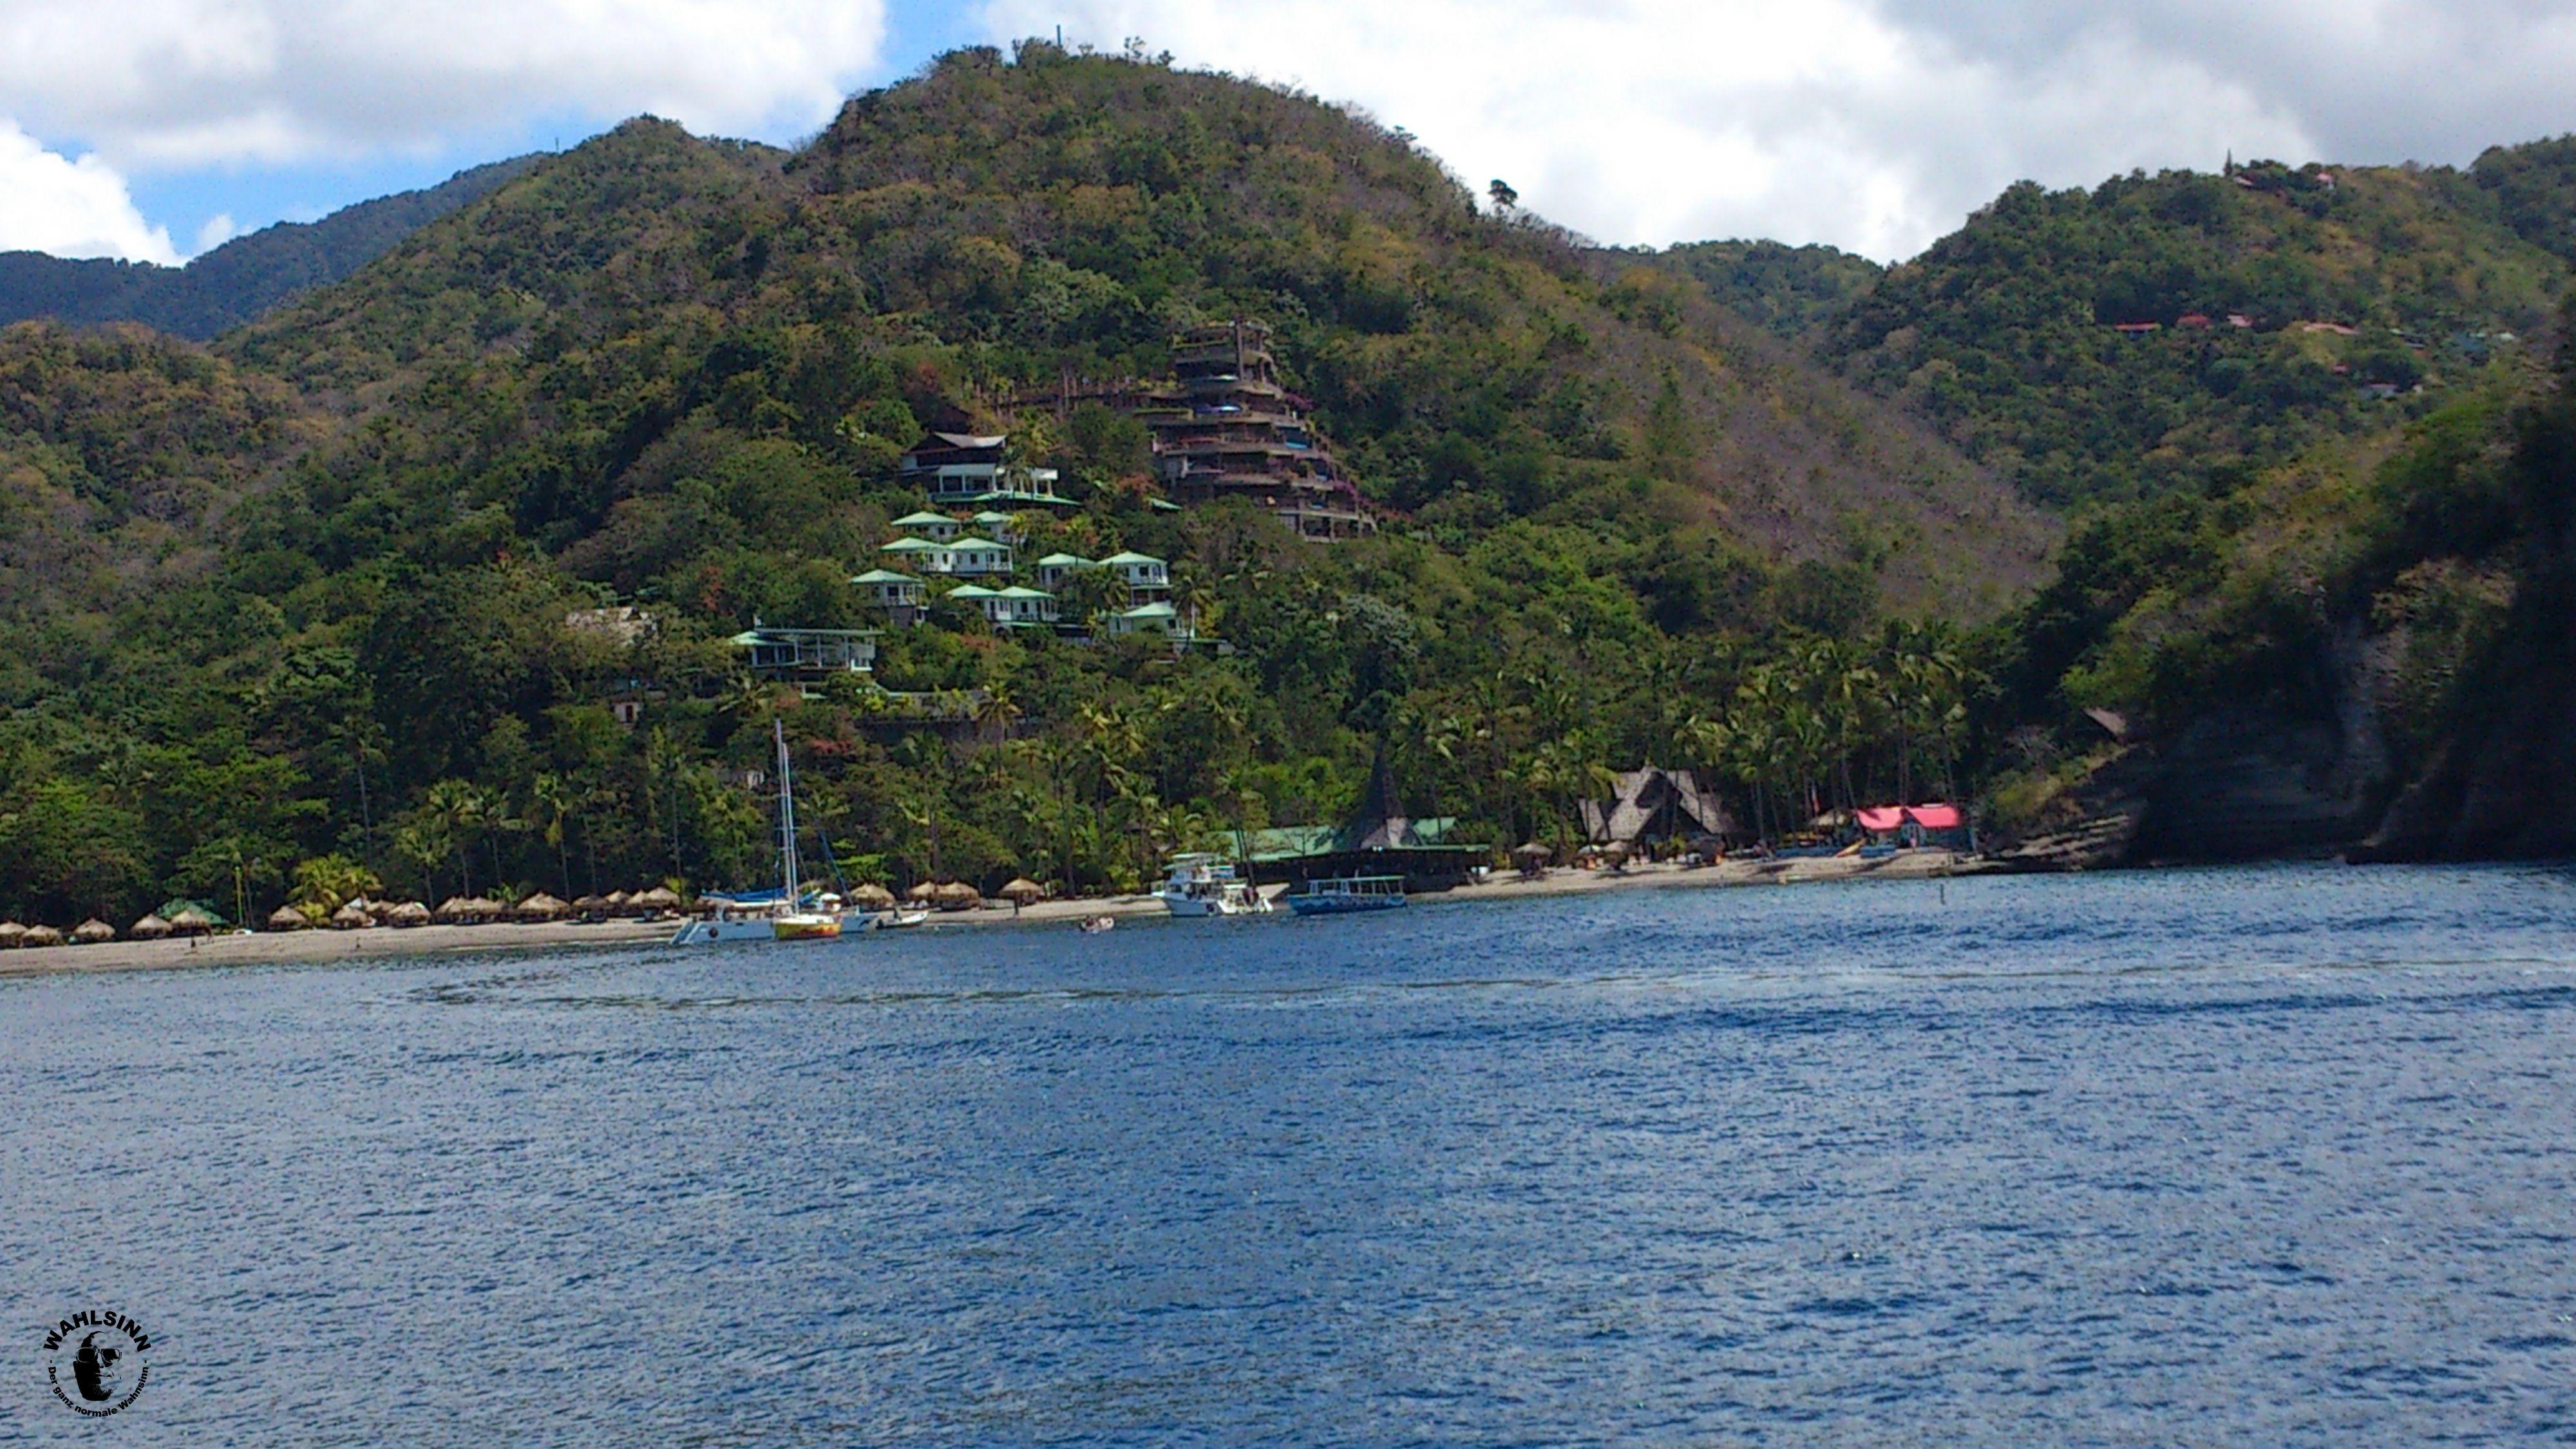 St. Lucia - Ist es eine Baustelle? Nein, ein fertiges Hotel....